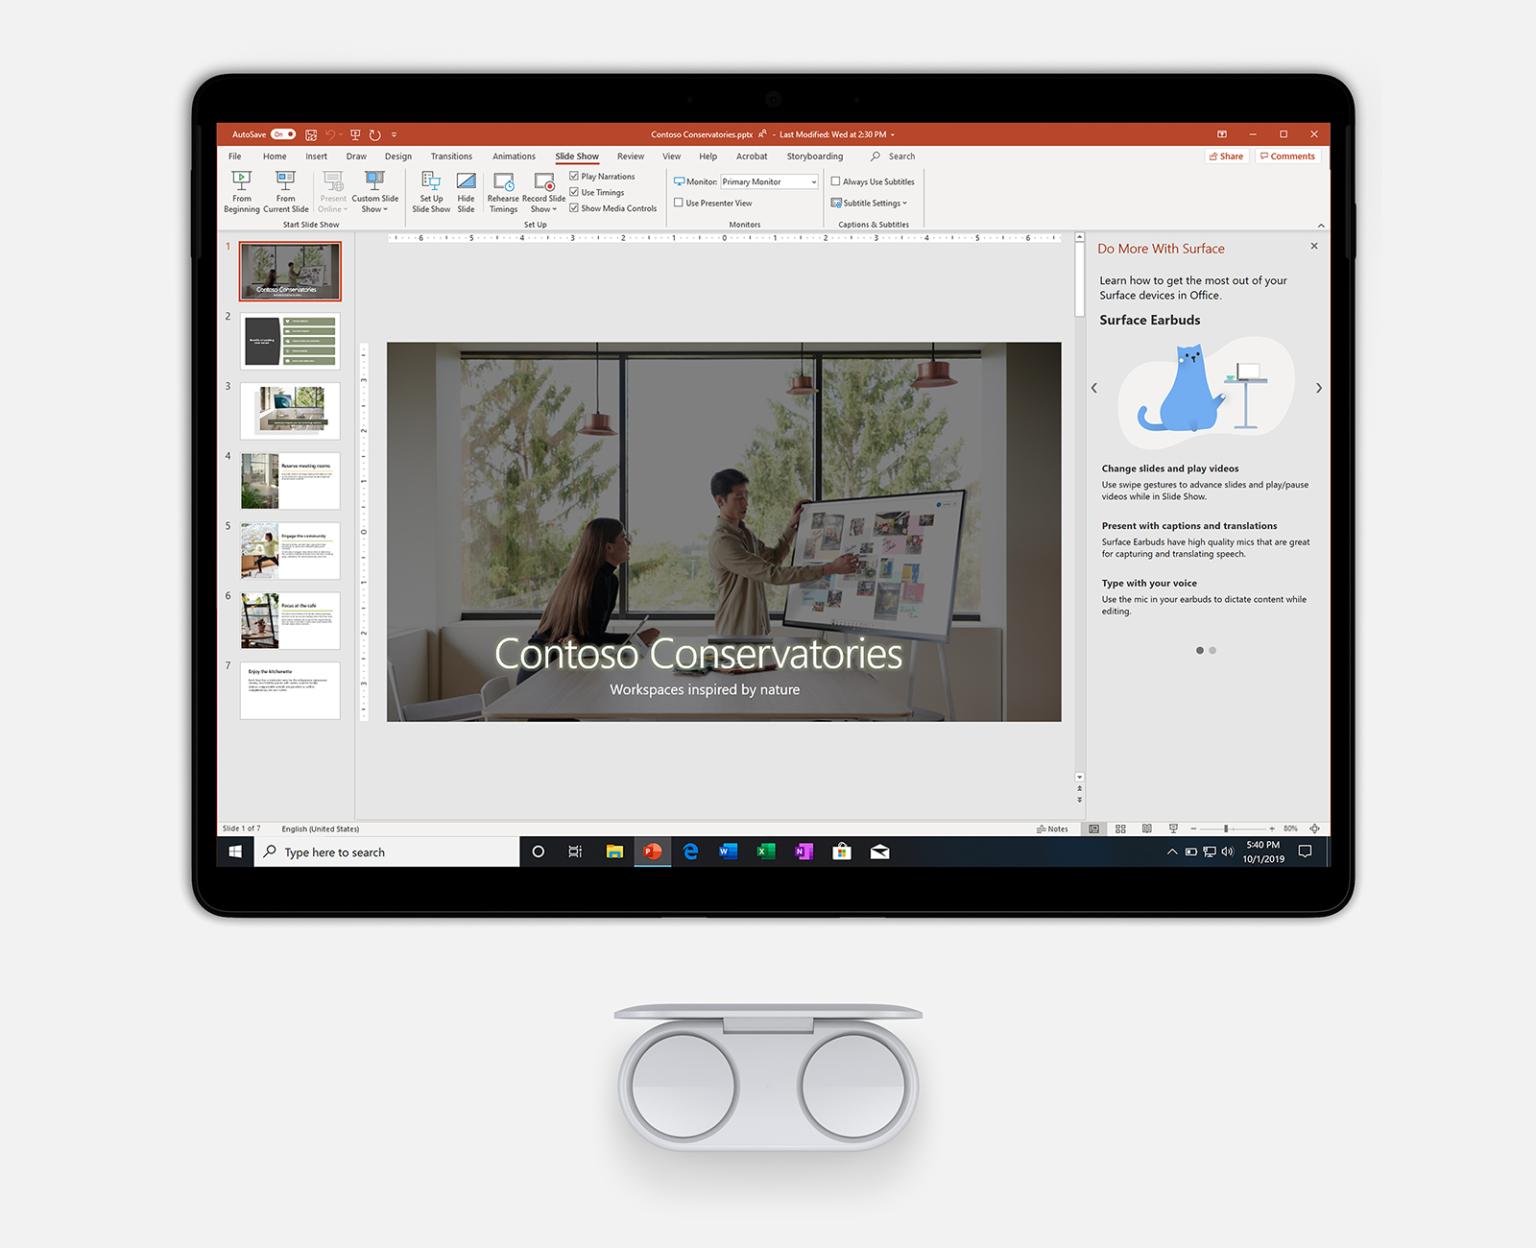 Изображение наушников Earbuds и Surface Pro 7 с PowerPoint на экране.